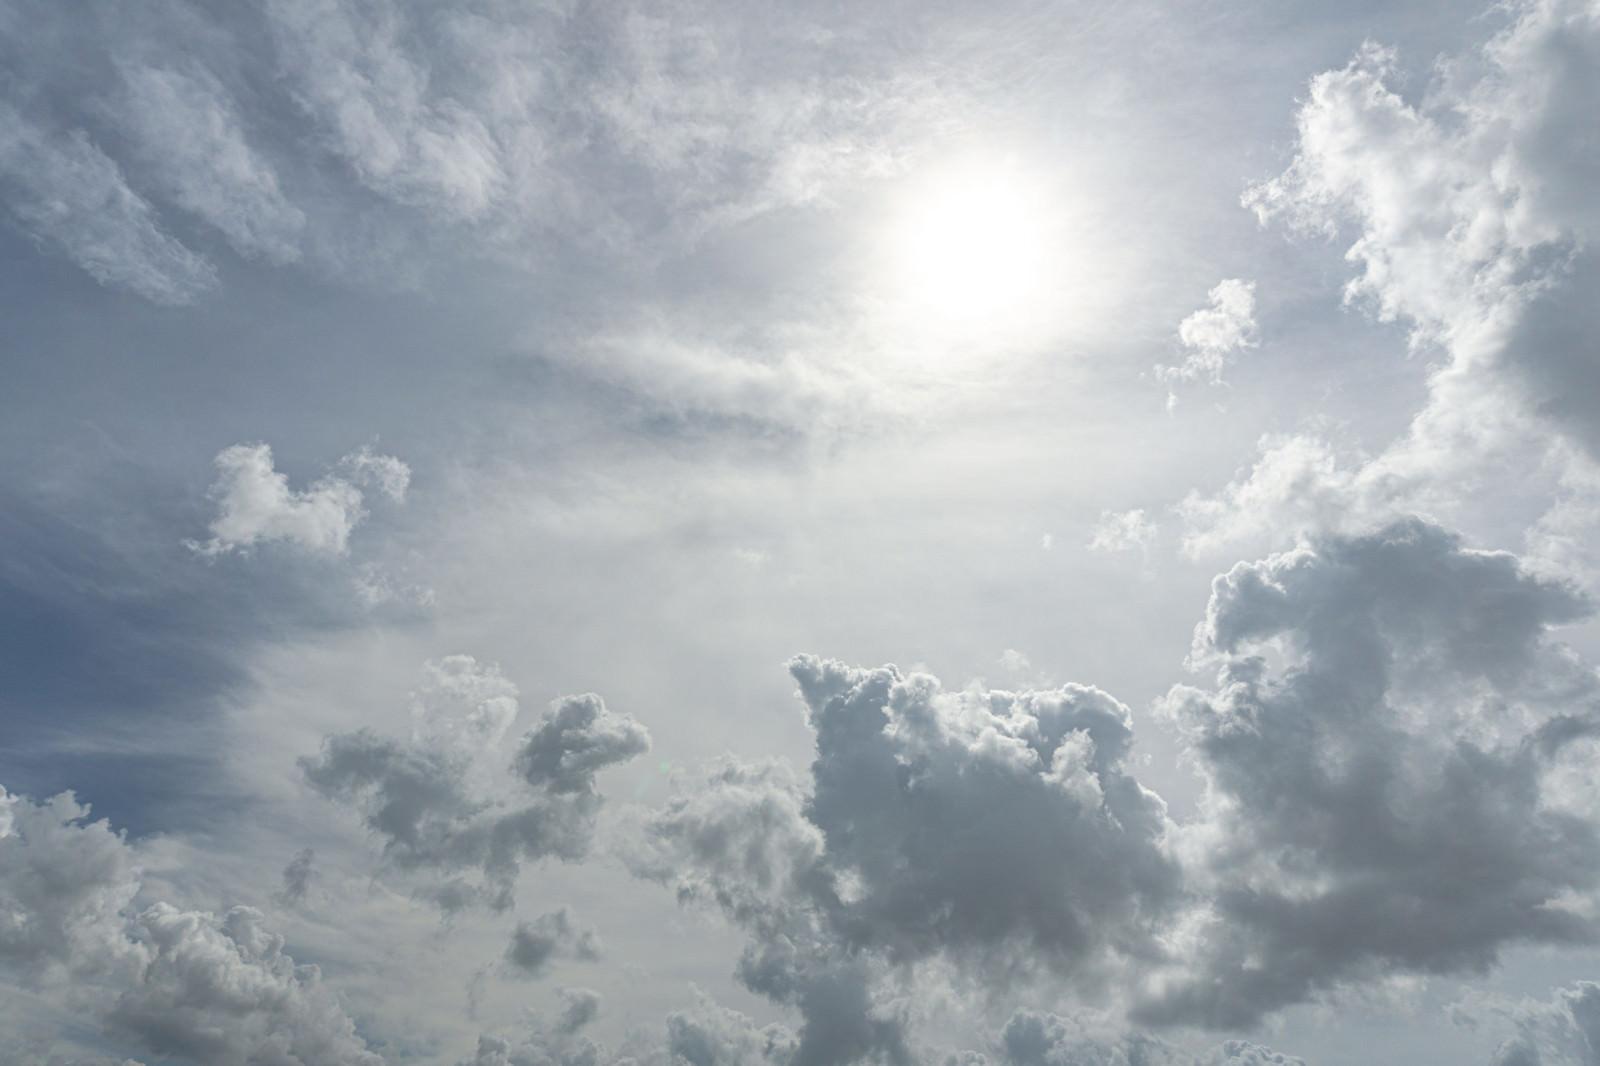 「空を覆う雲に隠れた太陽」の写真